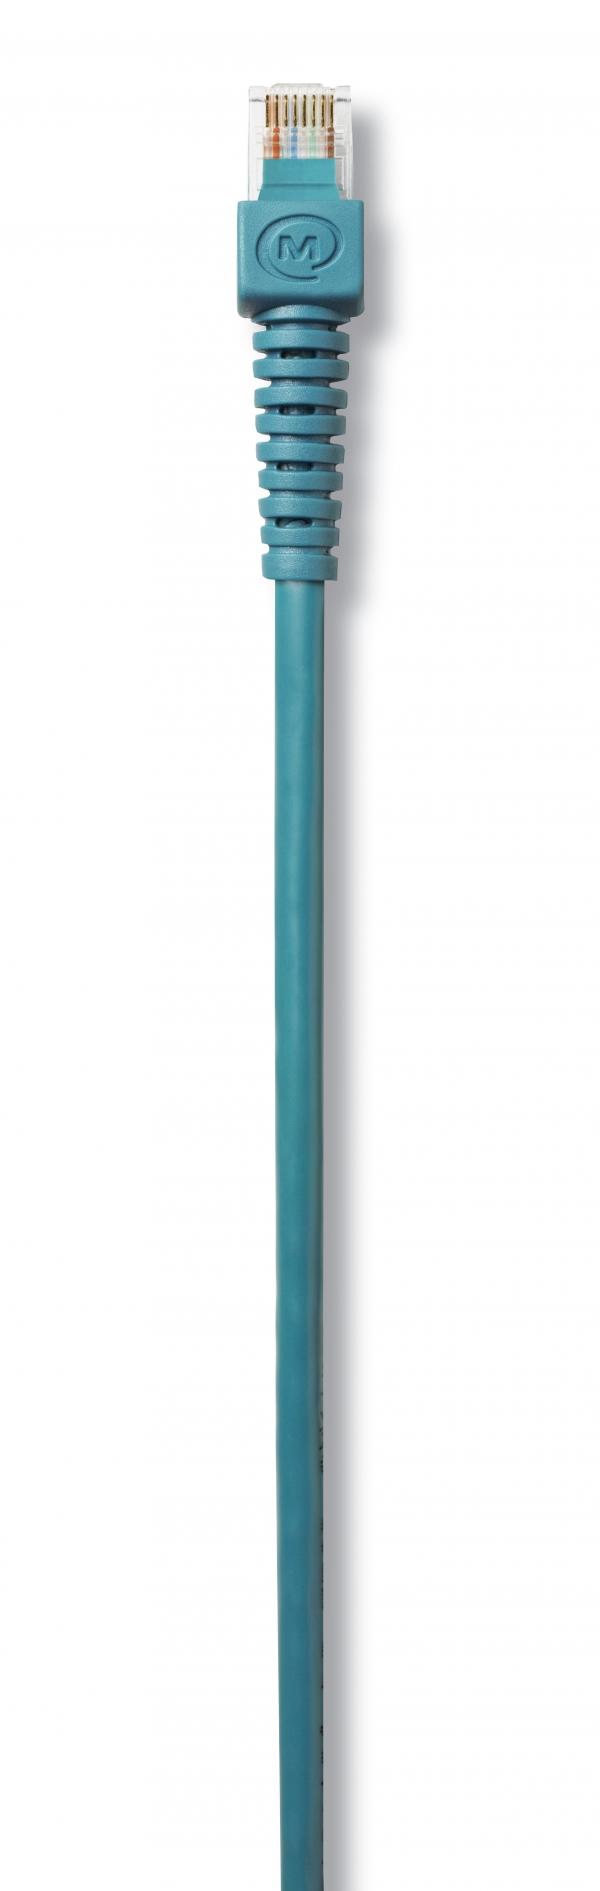 MasterBus-Kabel, 0,5 Meter